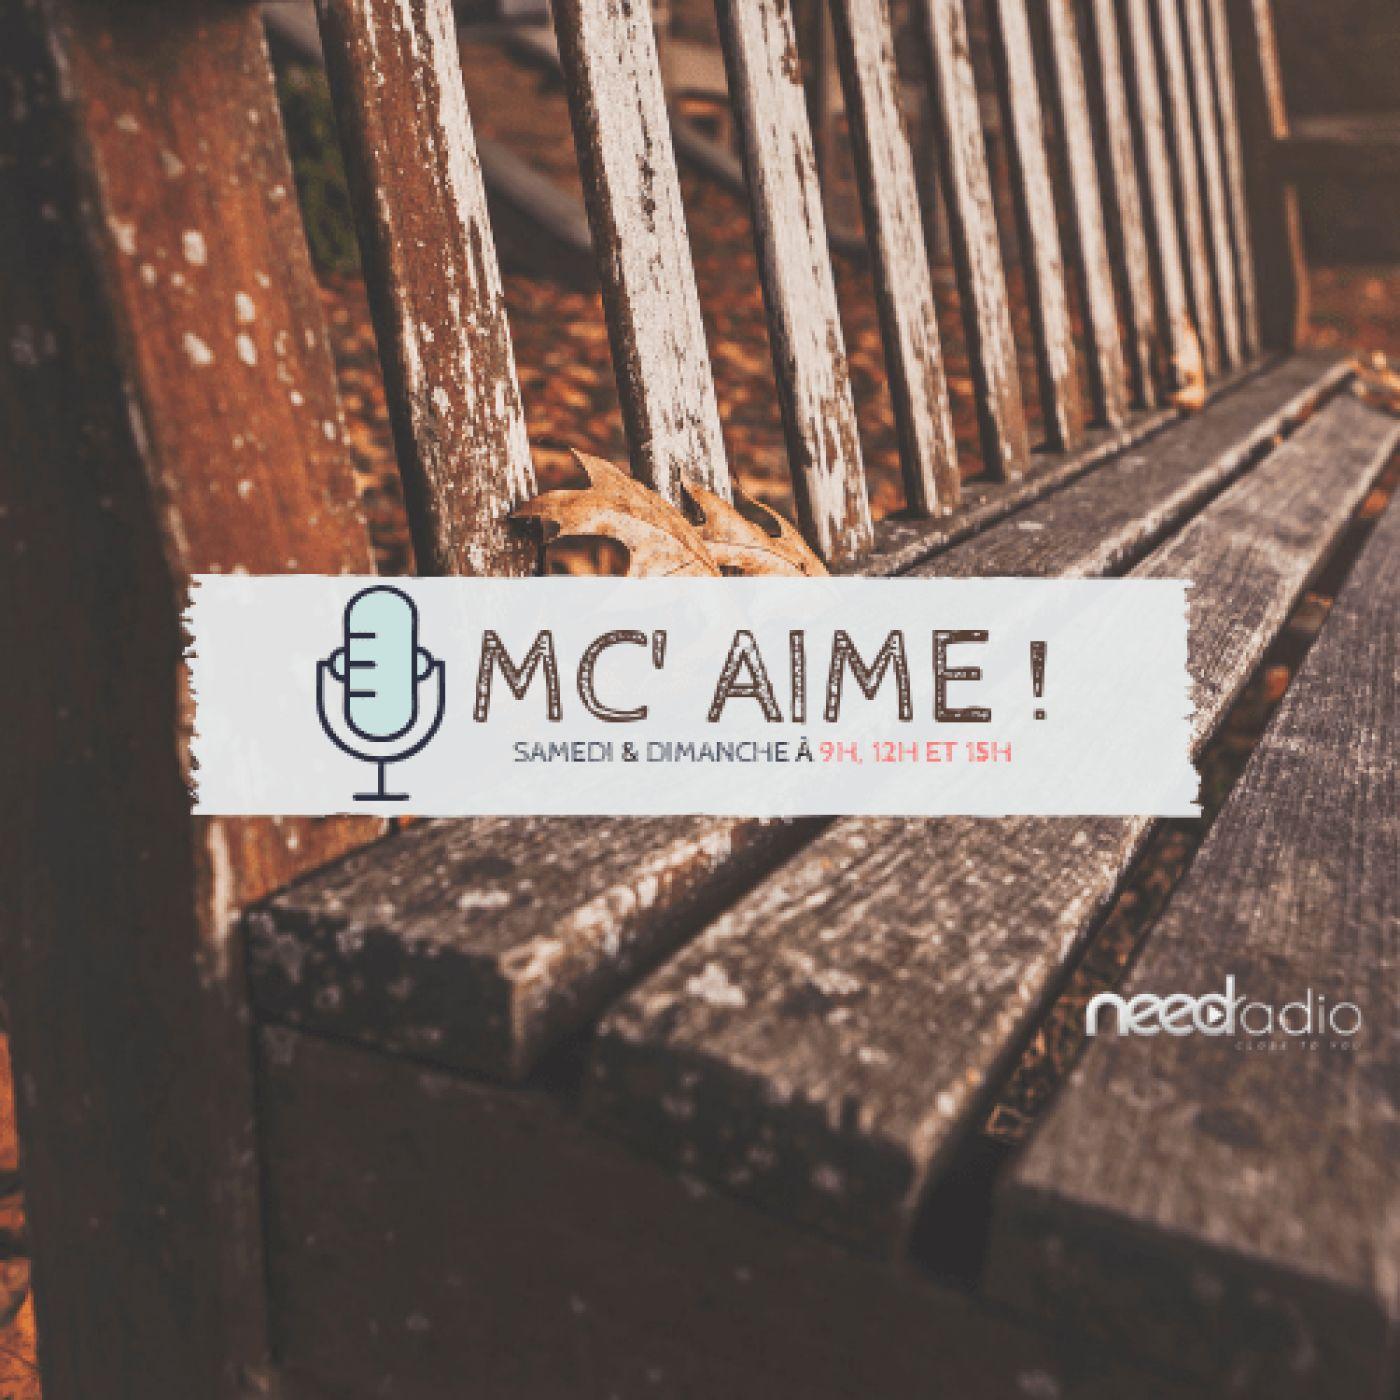 MC' Aime - Le bouillon Chartier (24/02/19)